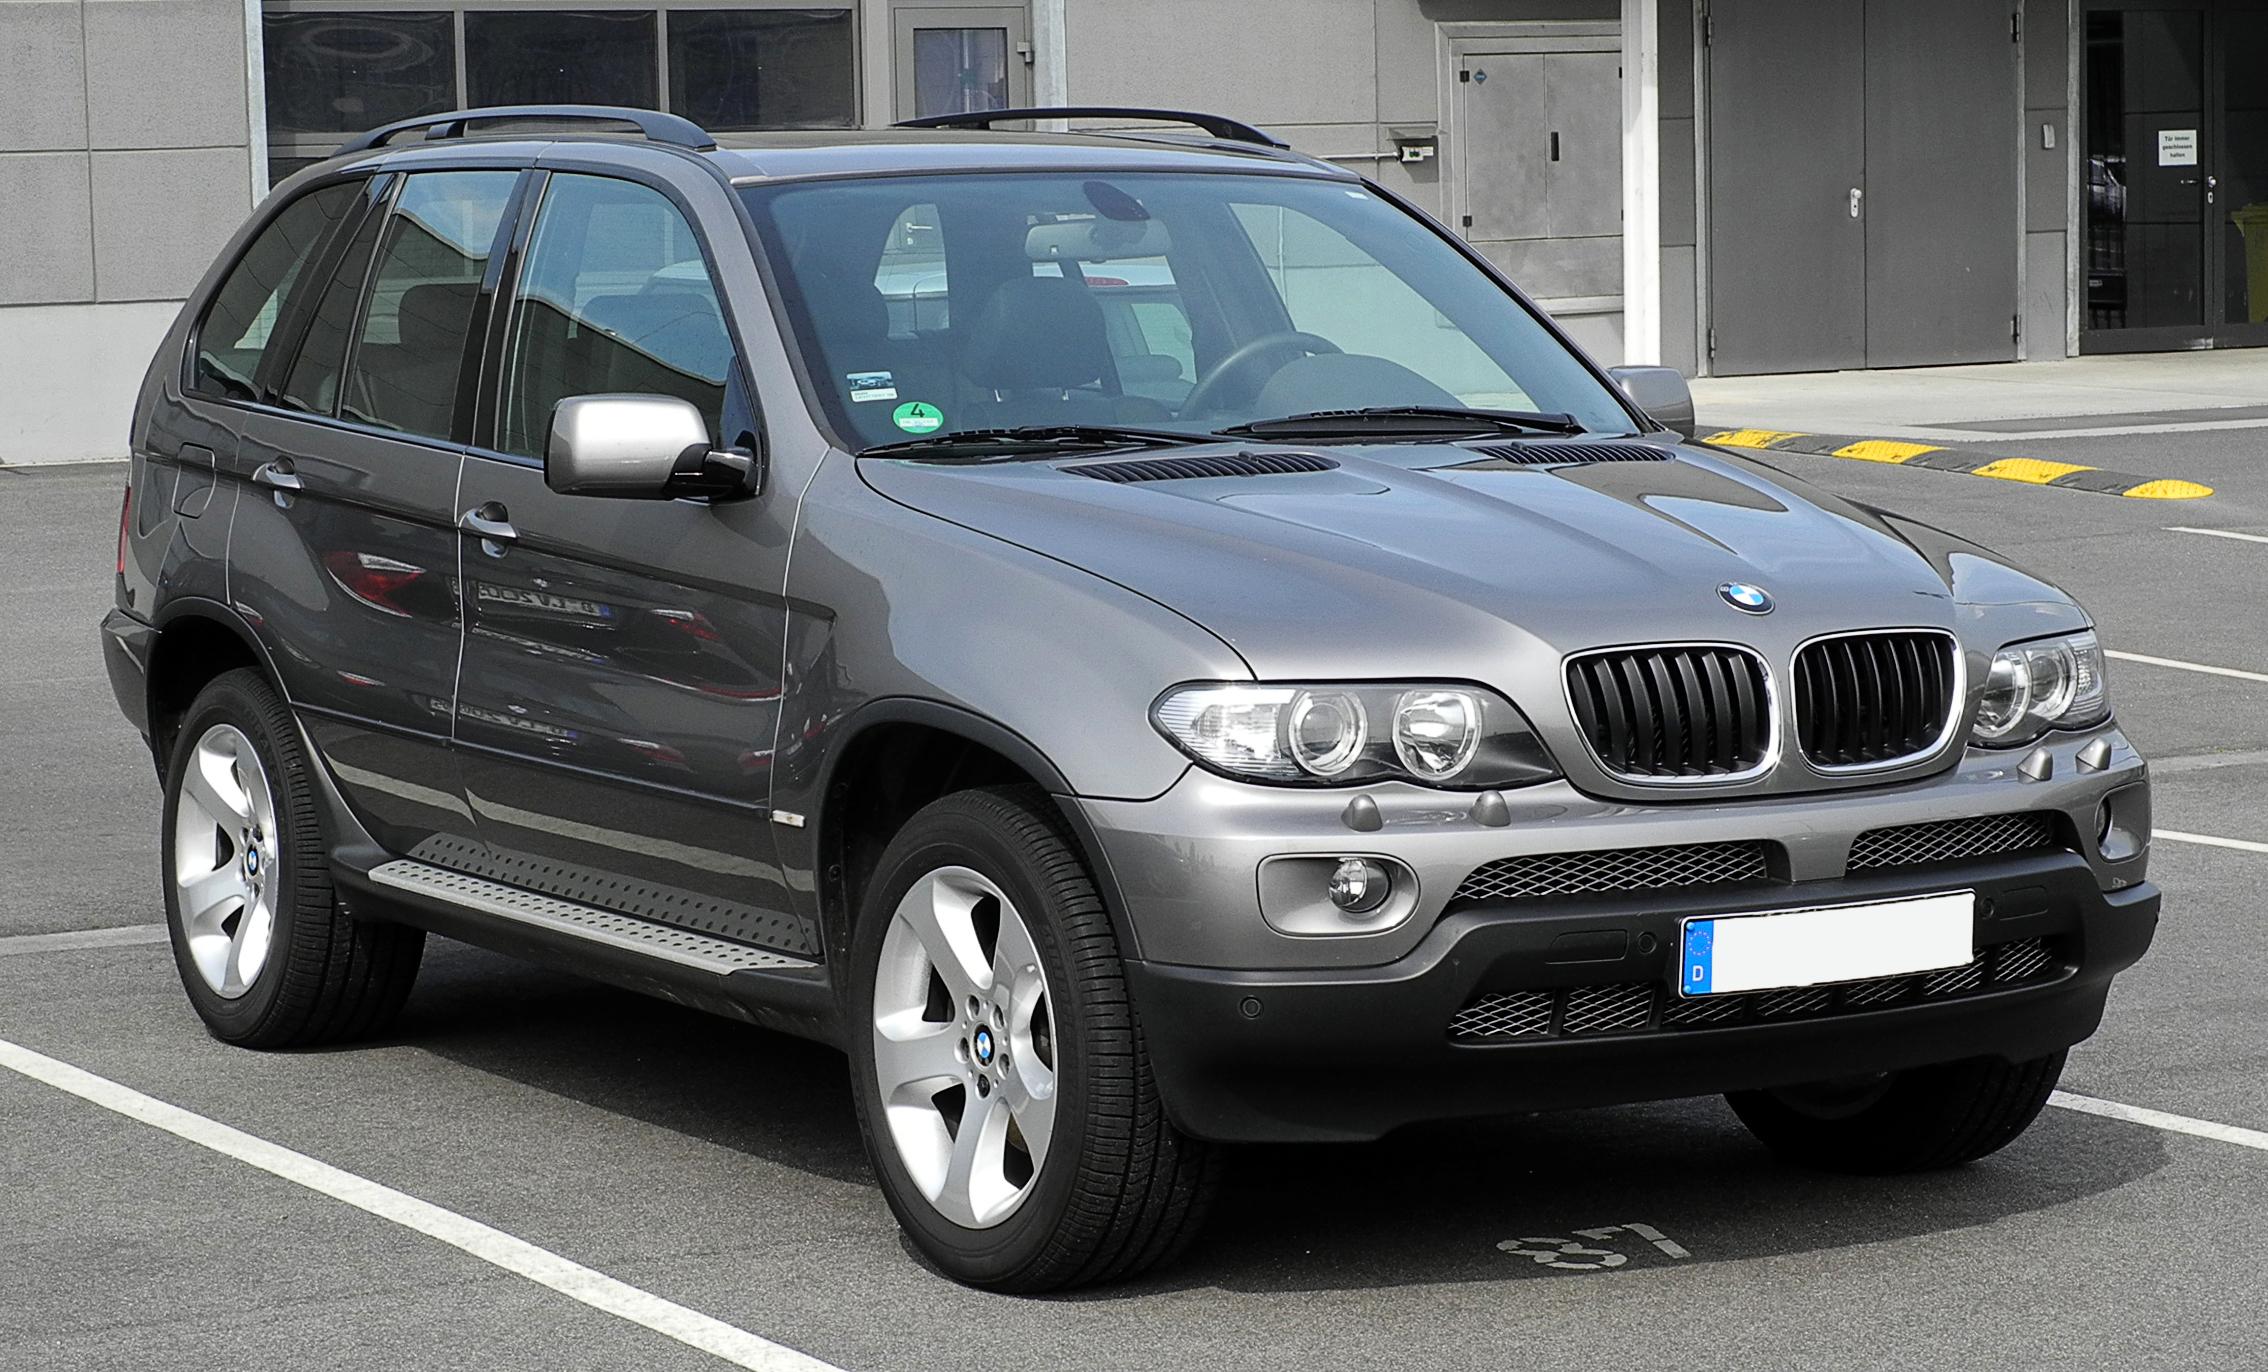 BMW_X5_(E53,_Facelift)_%E2%80%93_Frontan